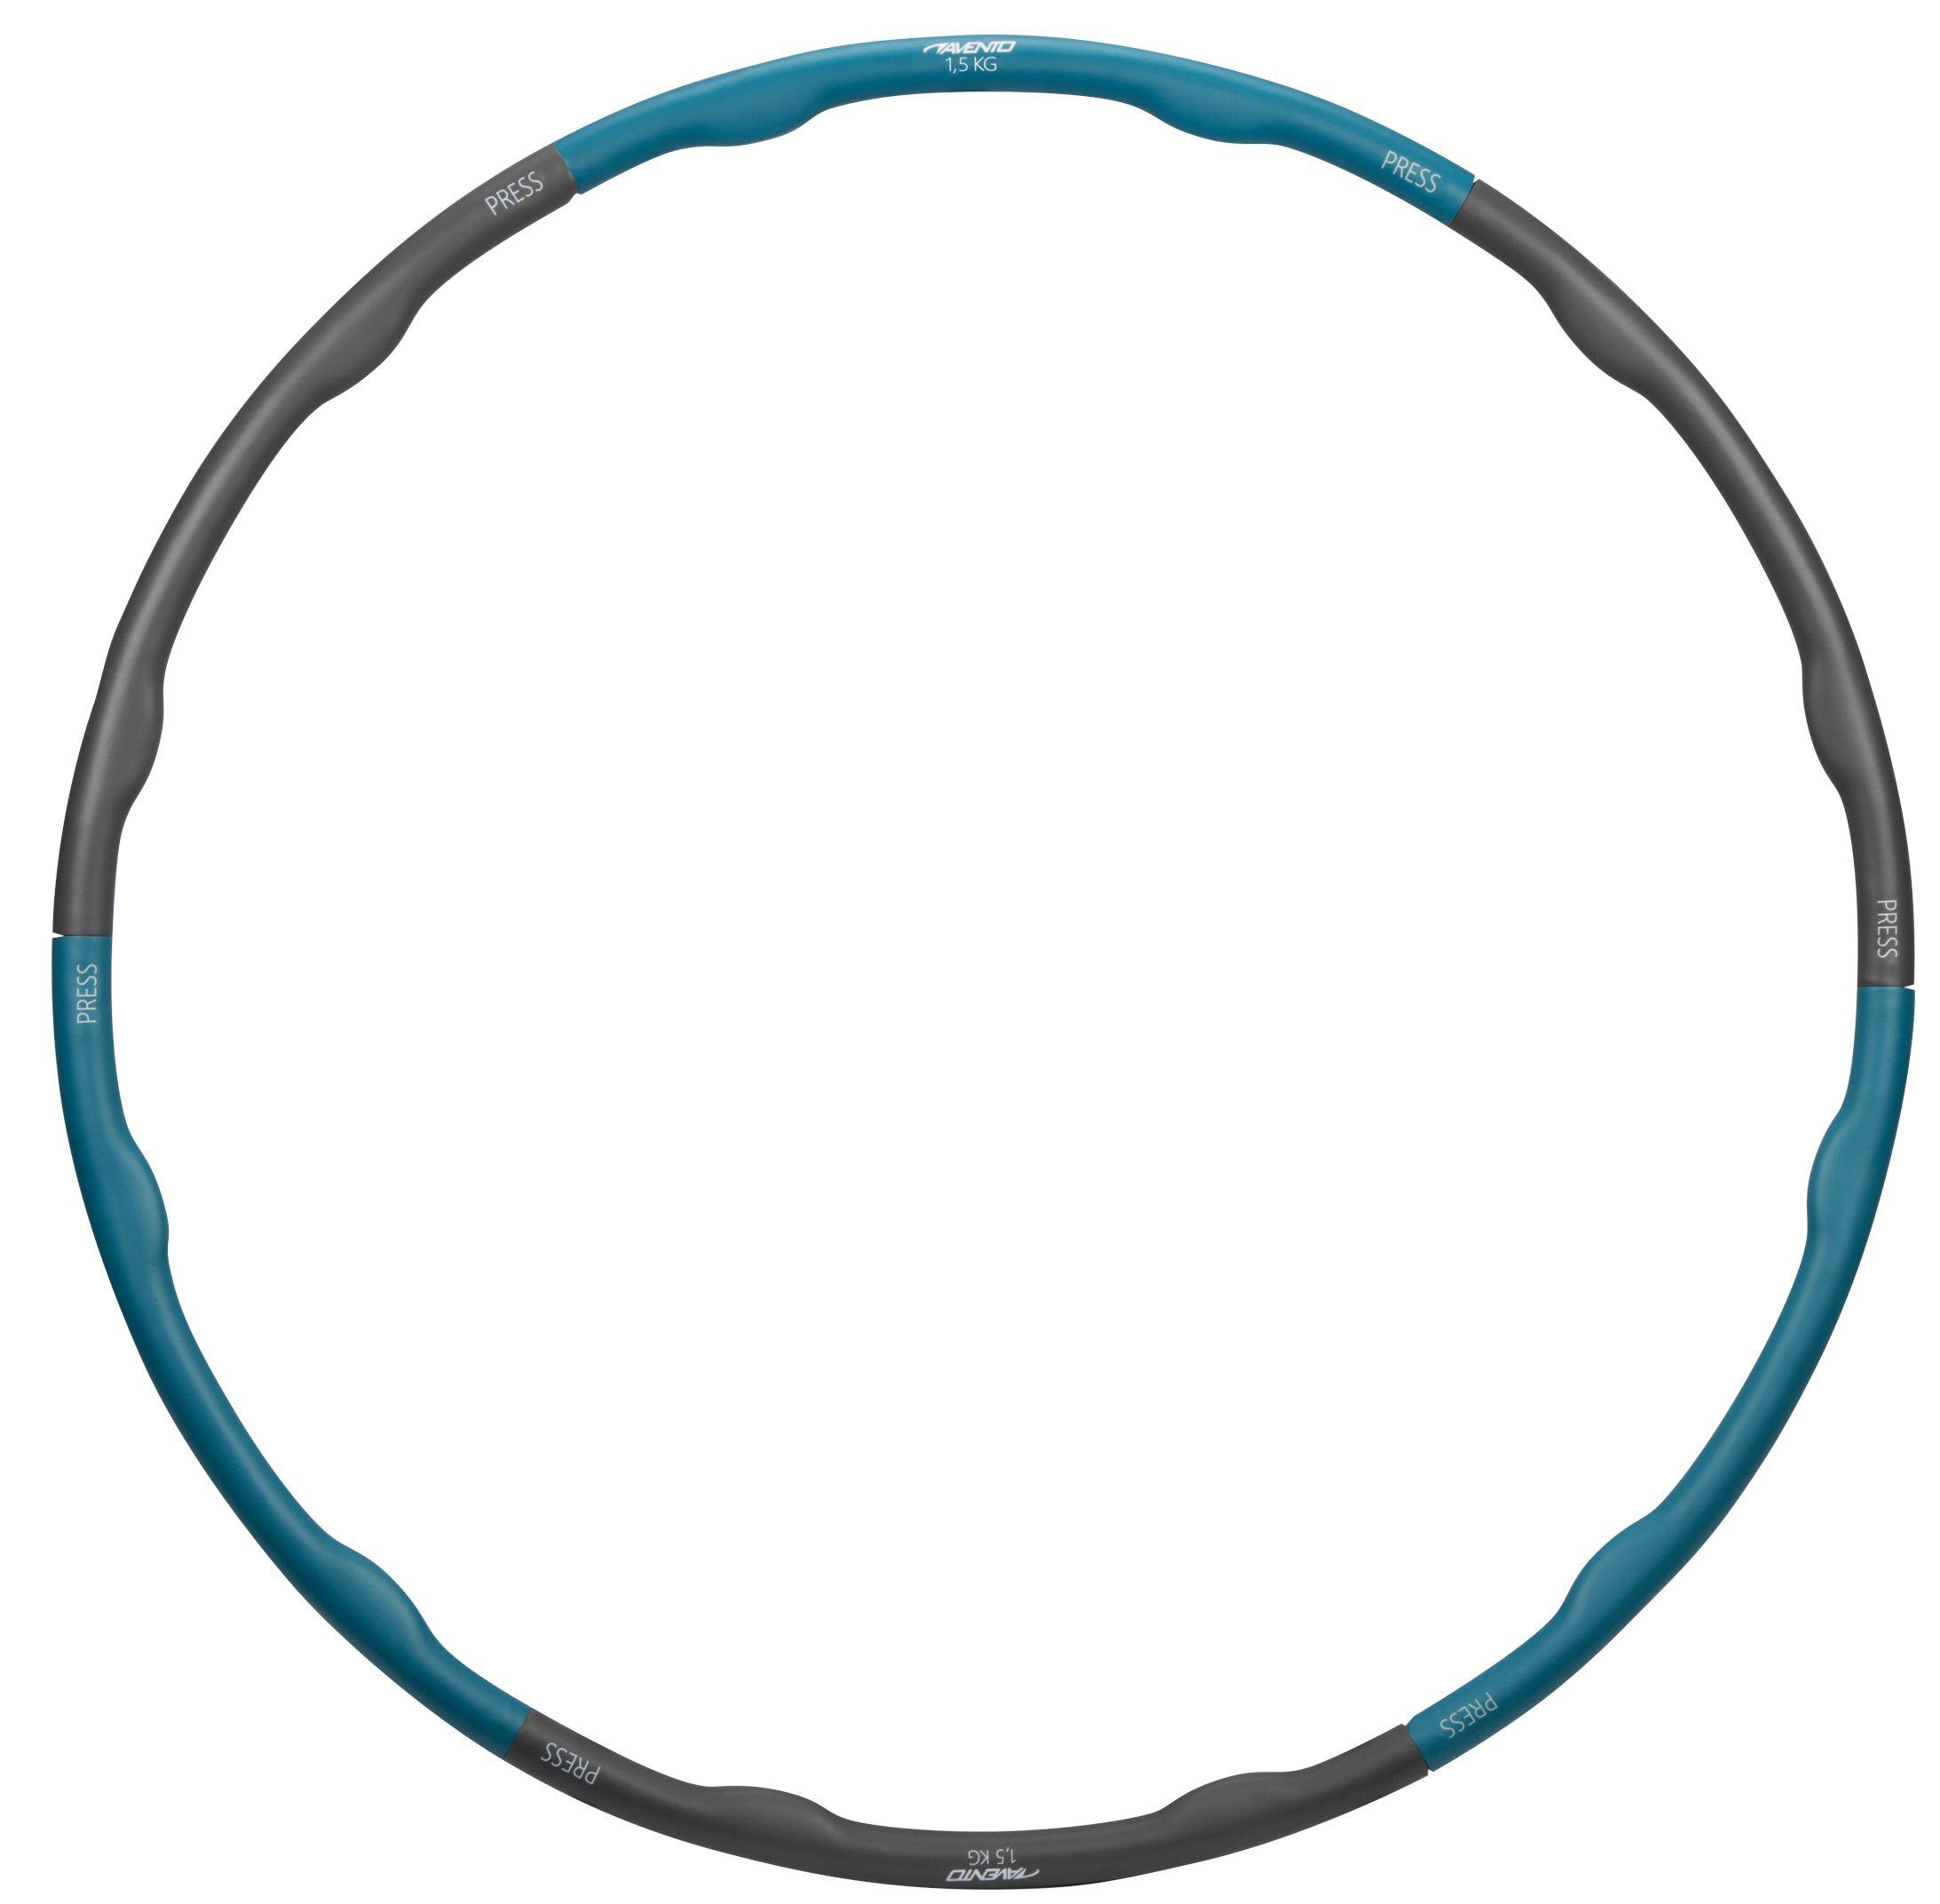 Cerc spuma Hula Hoop, fitnes, 1.5 kg